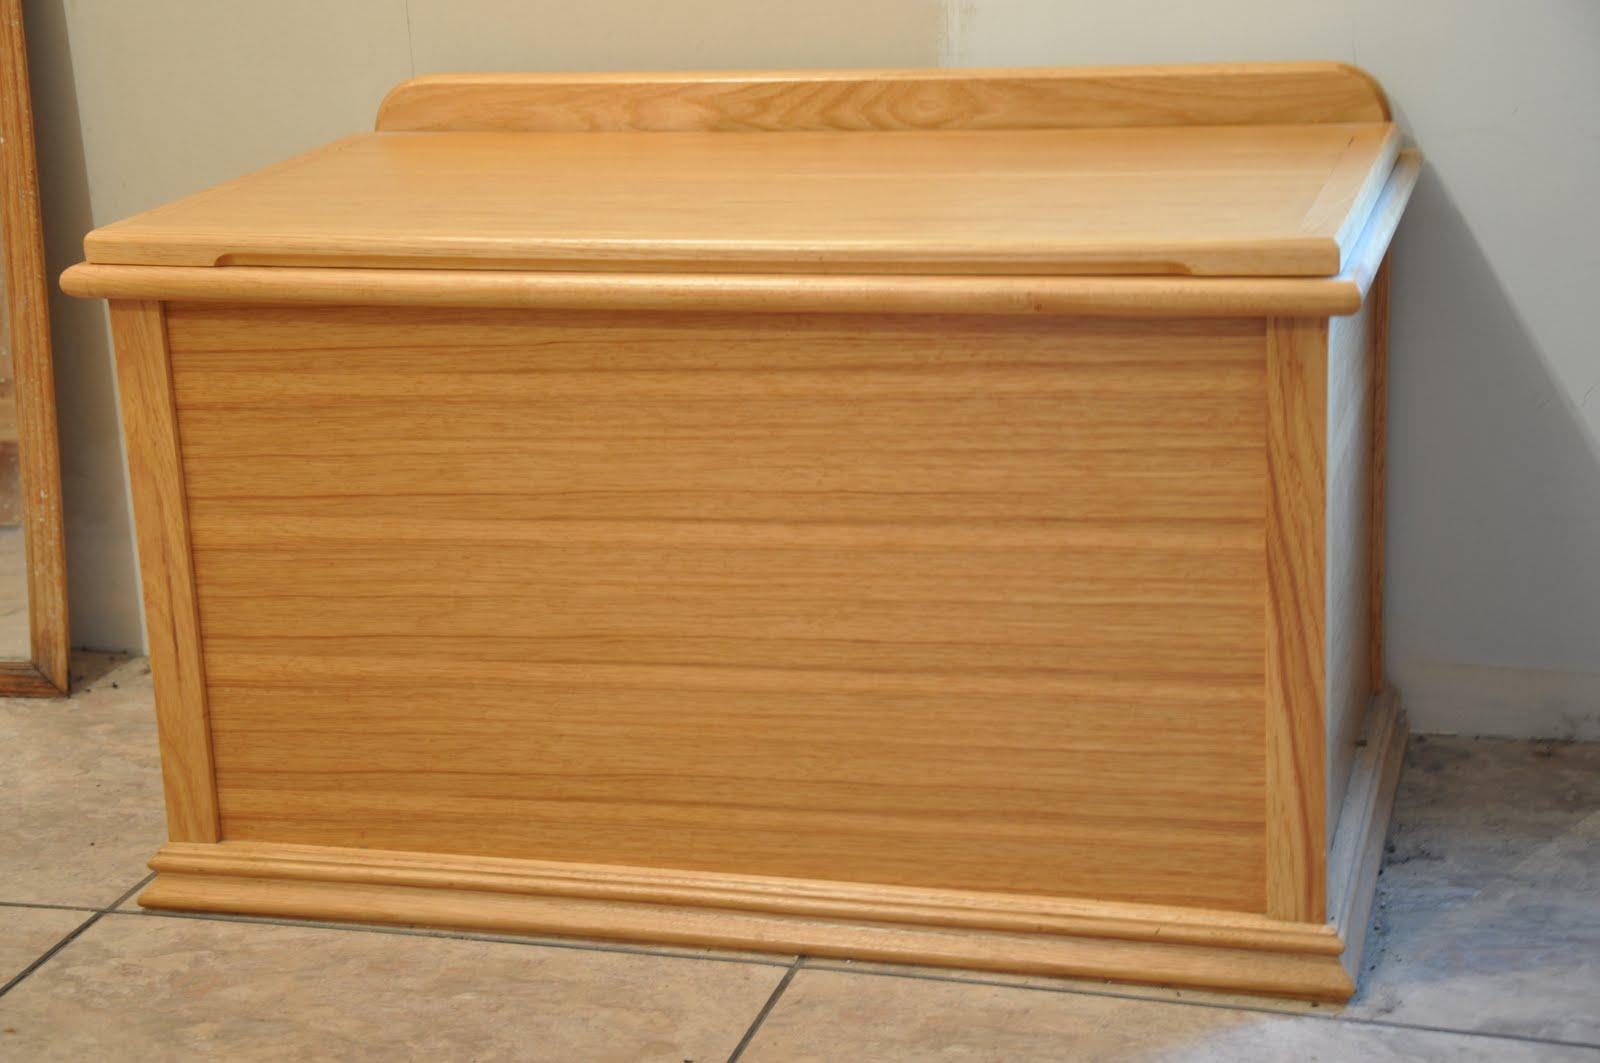 Wood Clothes Hamper Bench